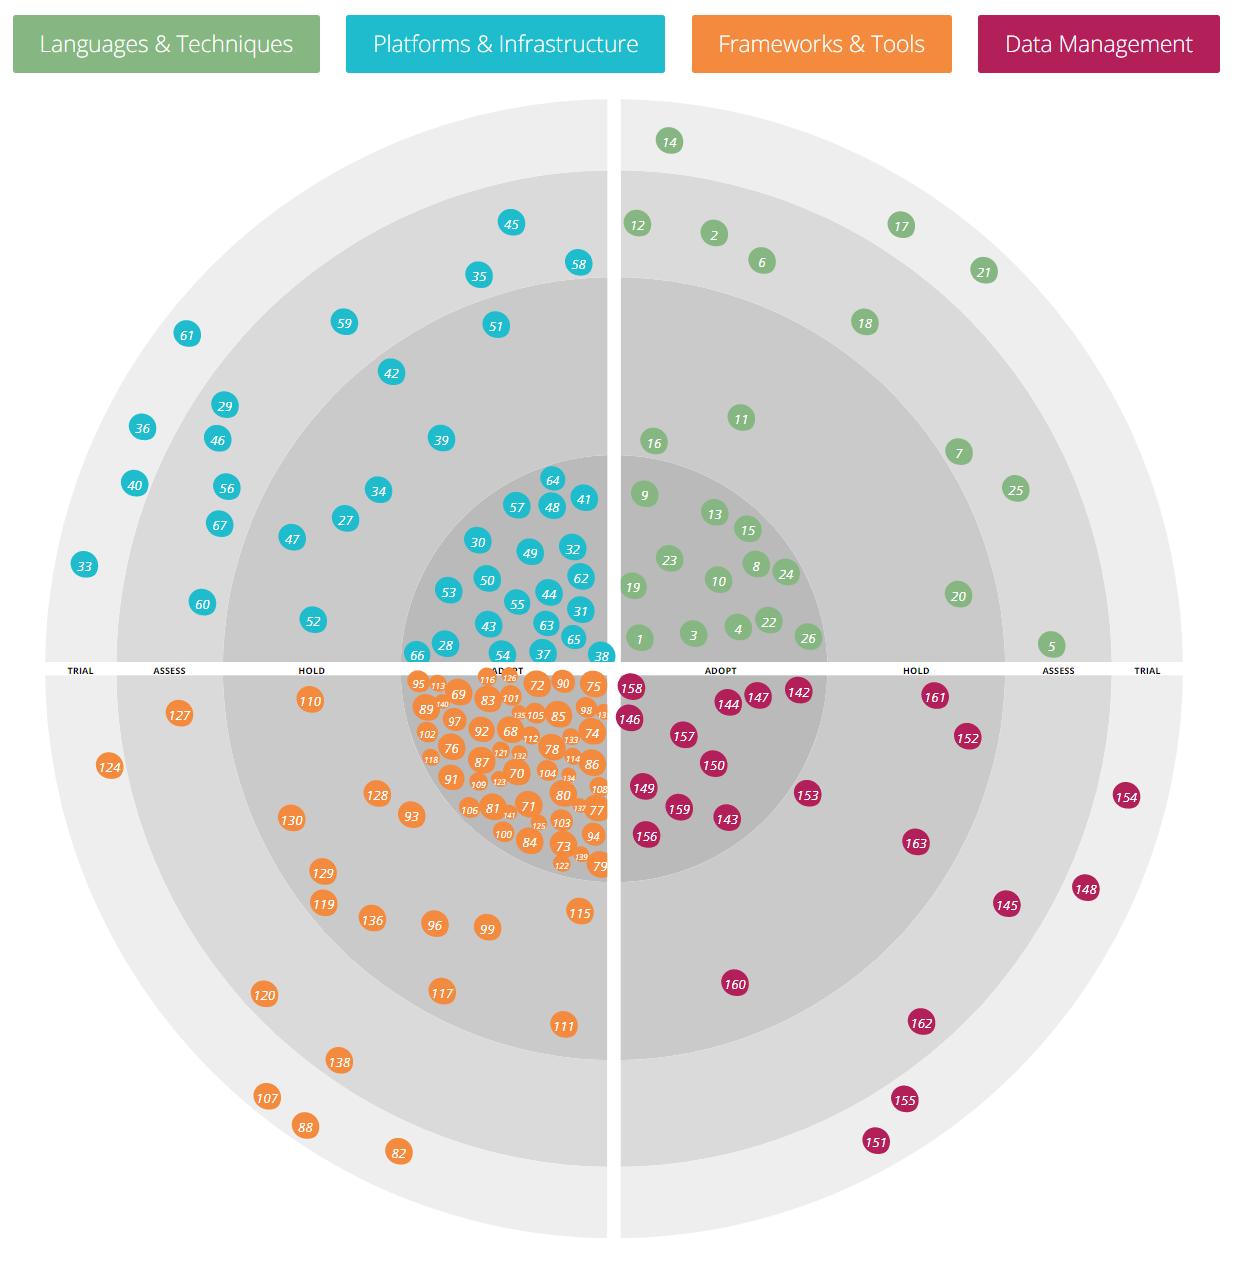 Как технологический радар помогает осознанному развитию корпоративной ИТ-экосистемы